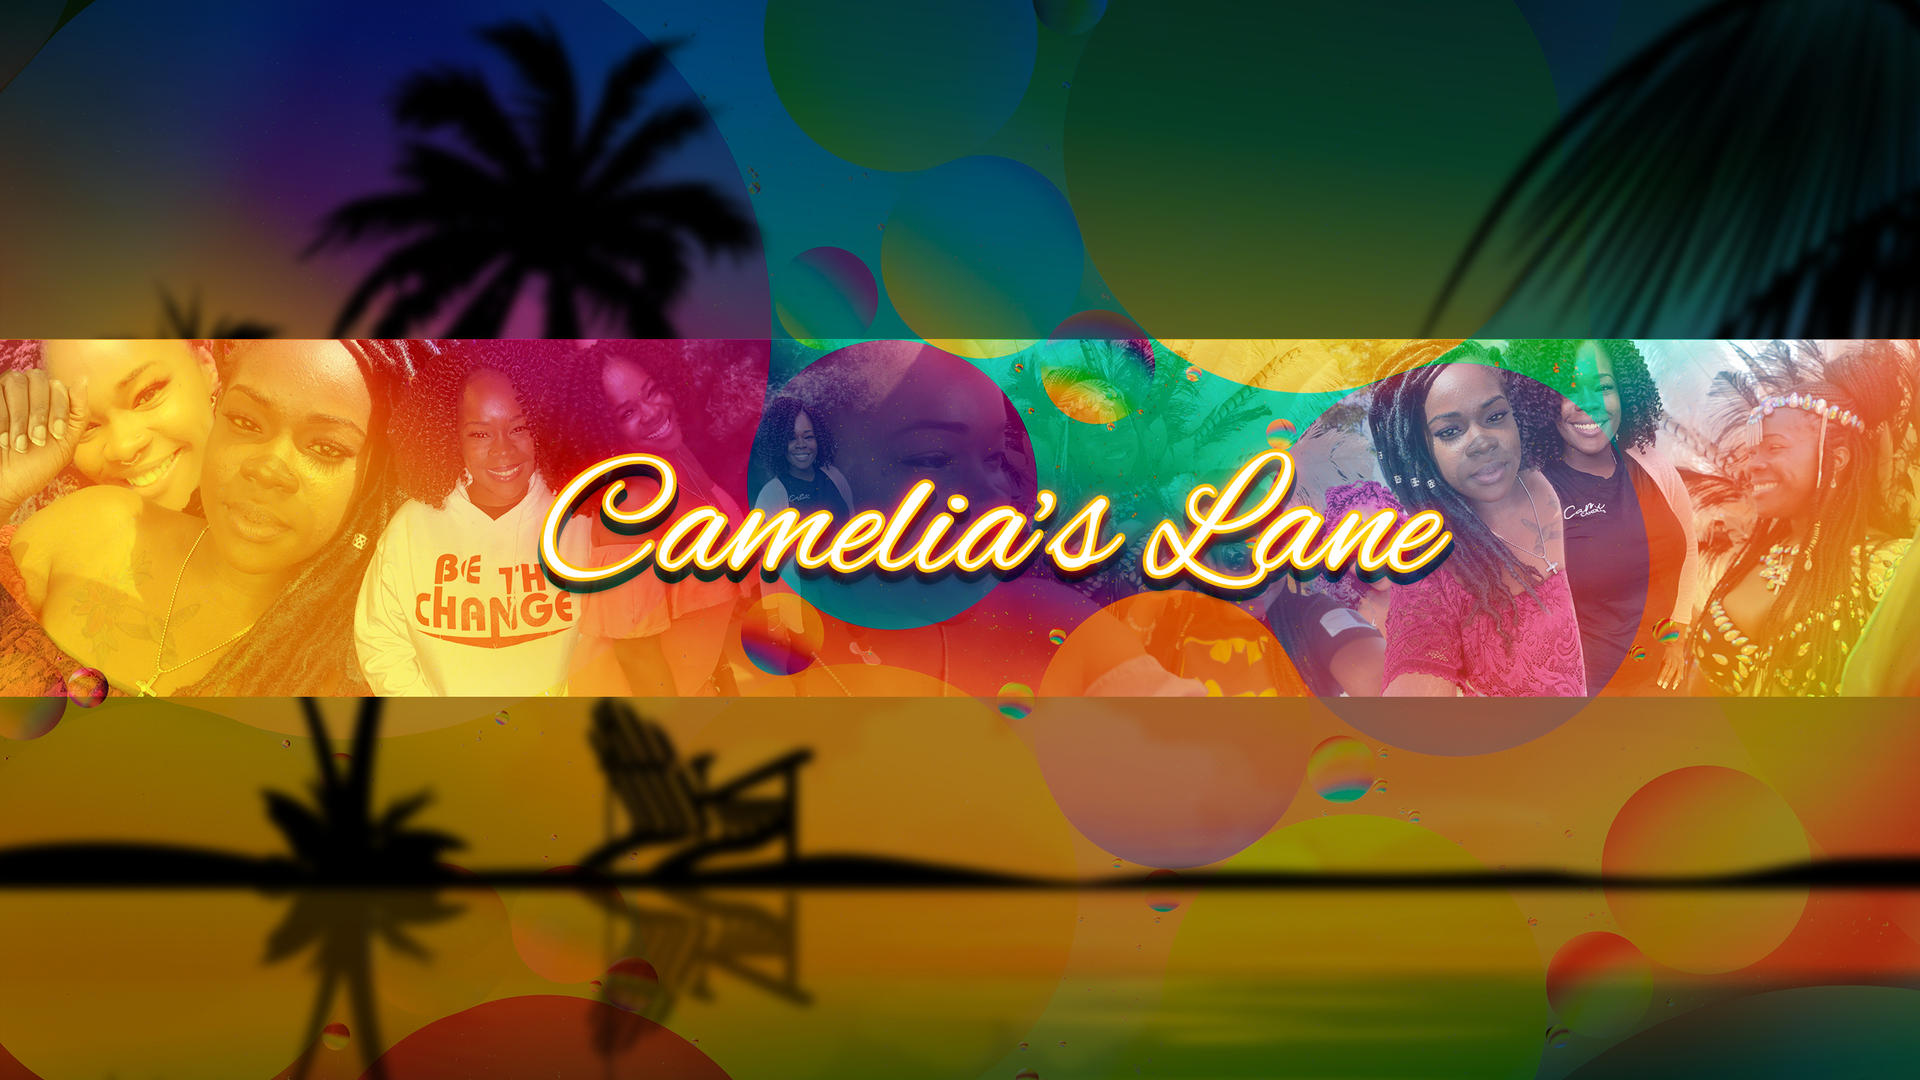 Camelia's-Lane-Youtube-Banner-2.jpg